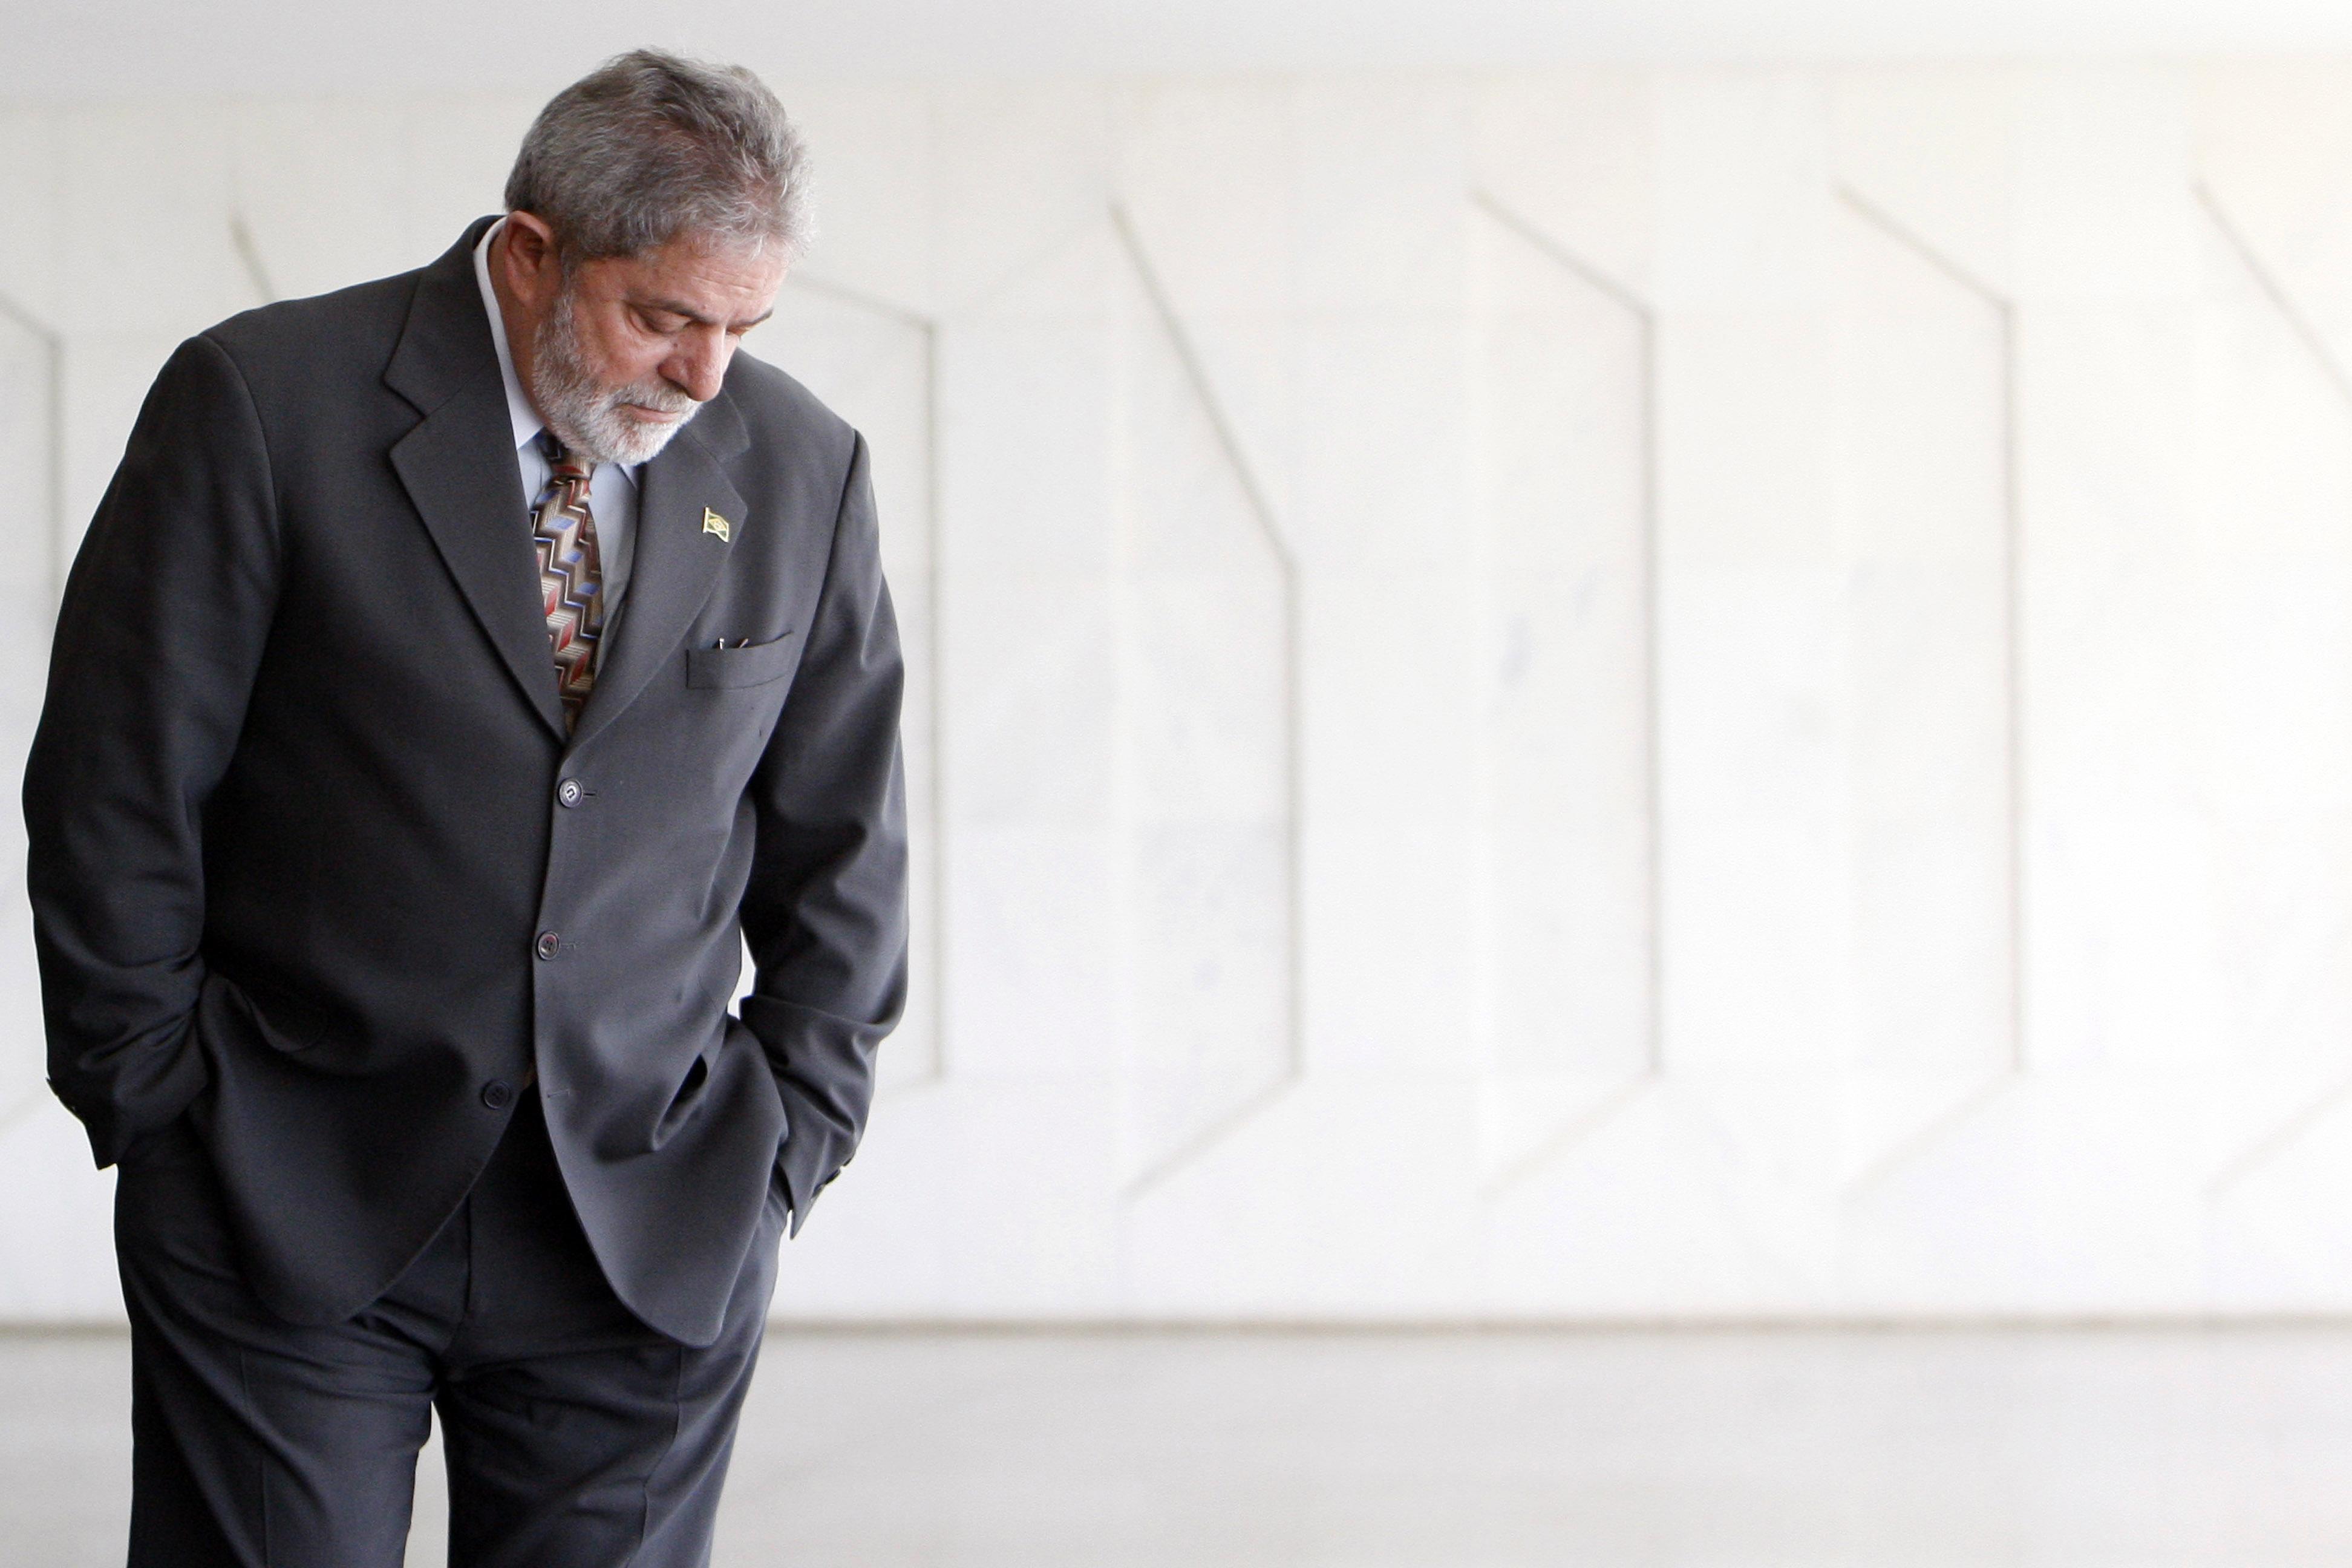 IMAGEM: Sócio de escritório de auditoria no BNDES foi testemunha de Lula na Lava Jato